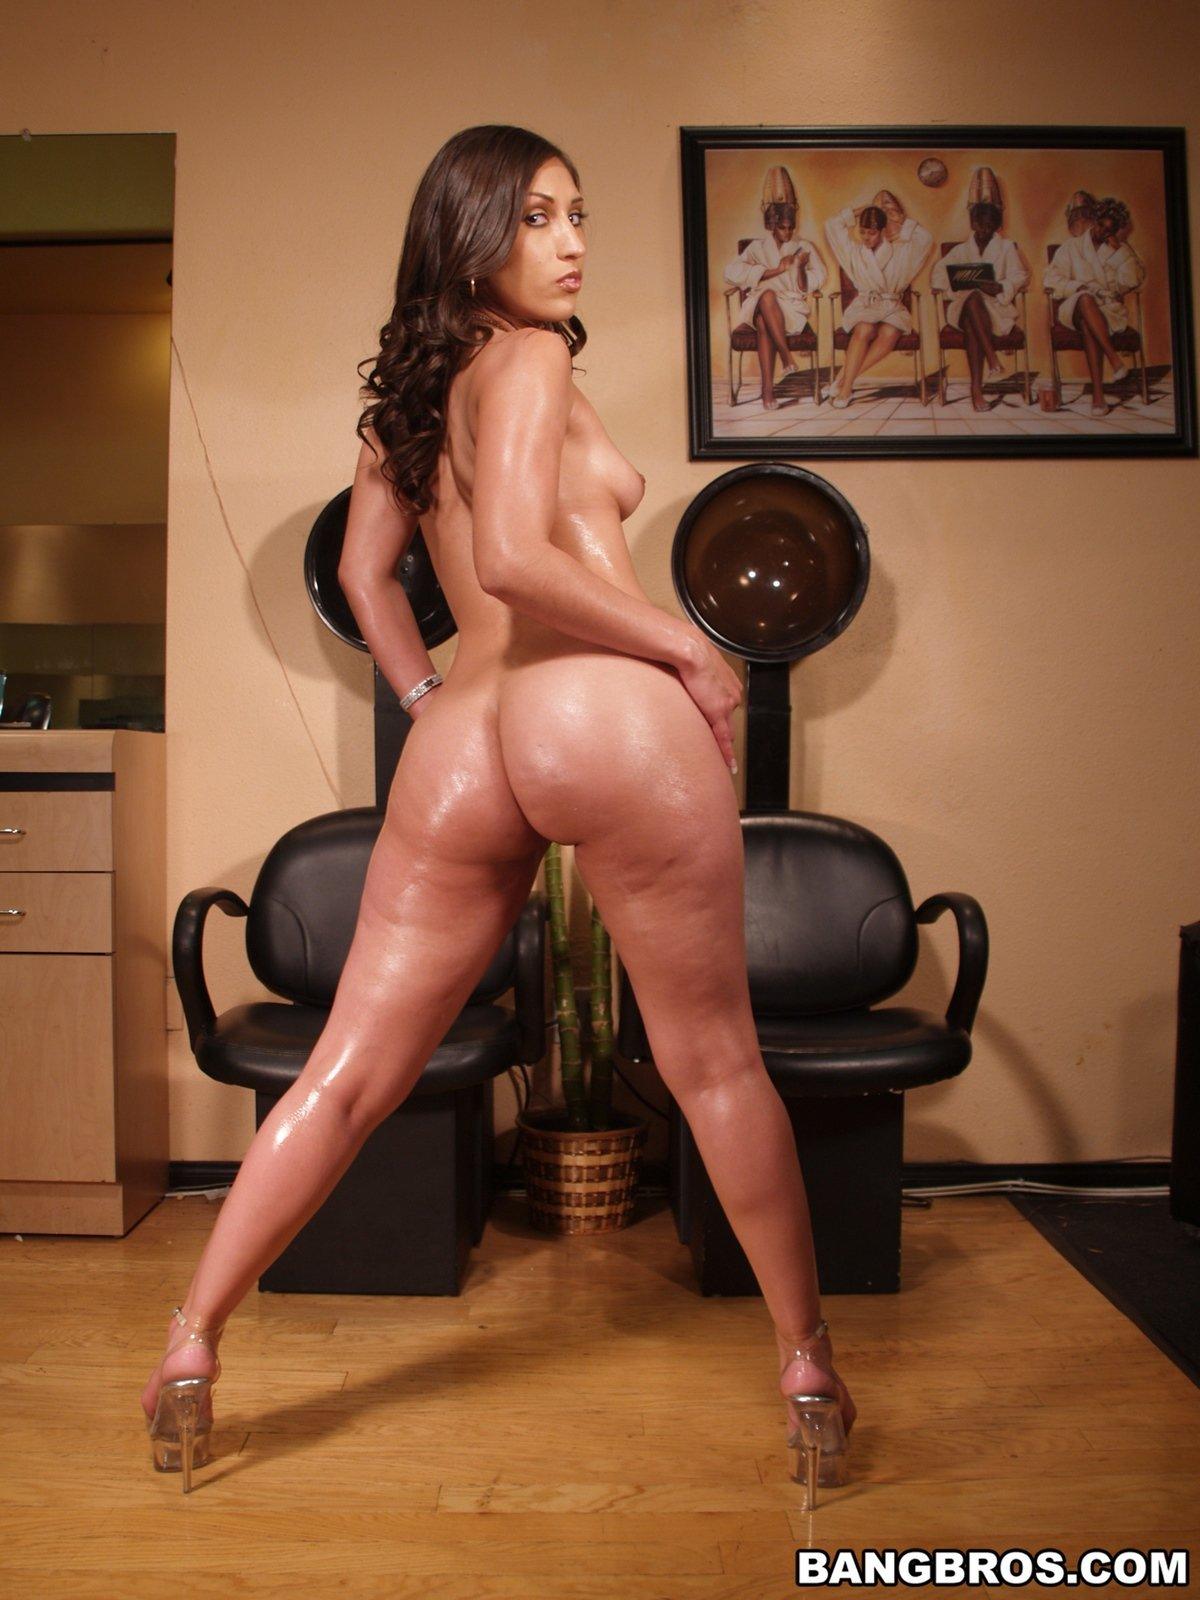 Мамка в леопардовом бикини показала красивый зад